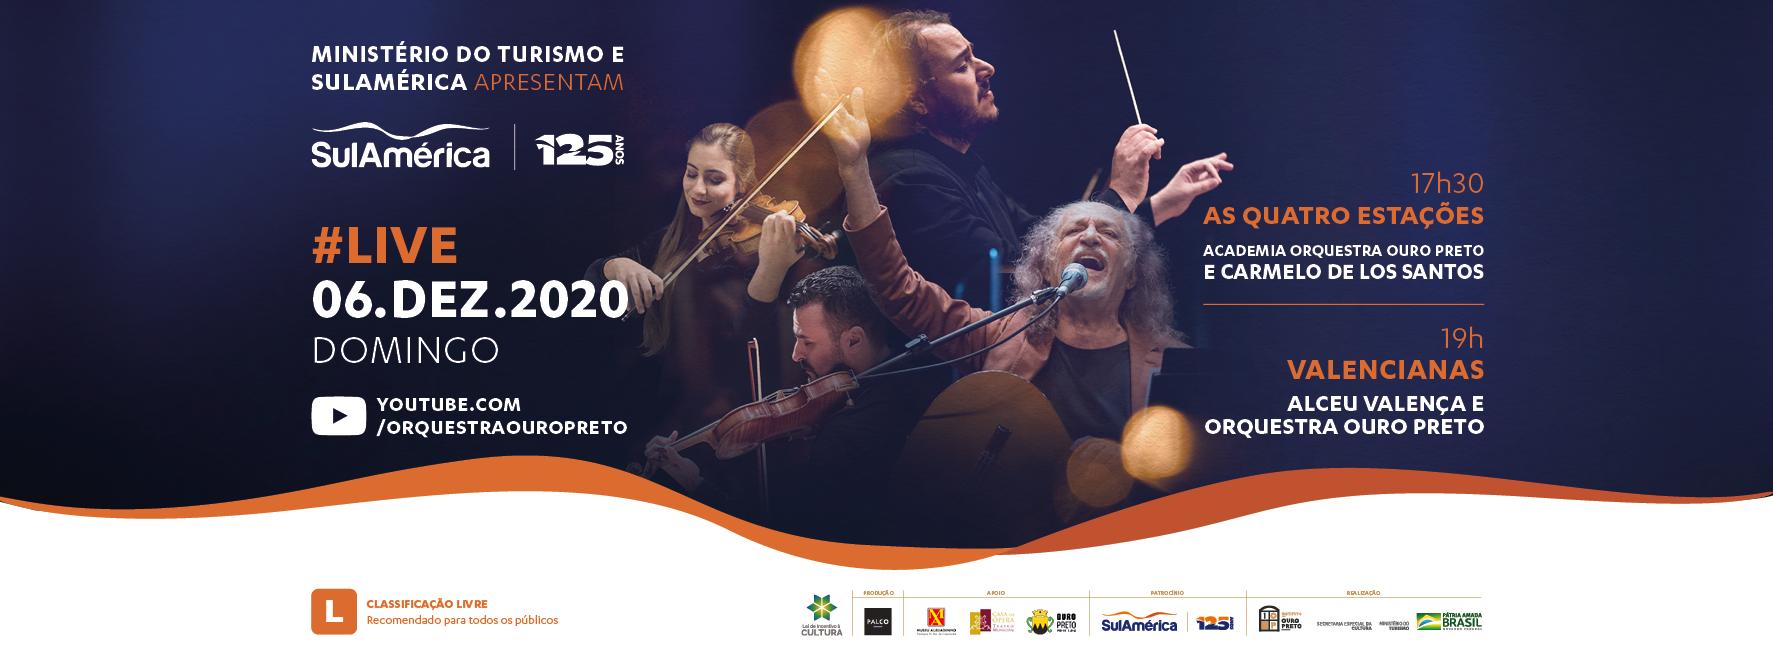 Live – Valencianas e As 4 Estações